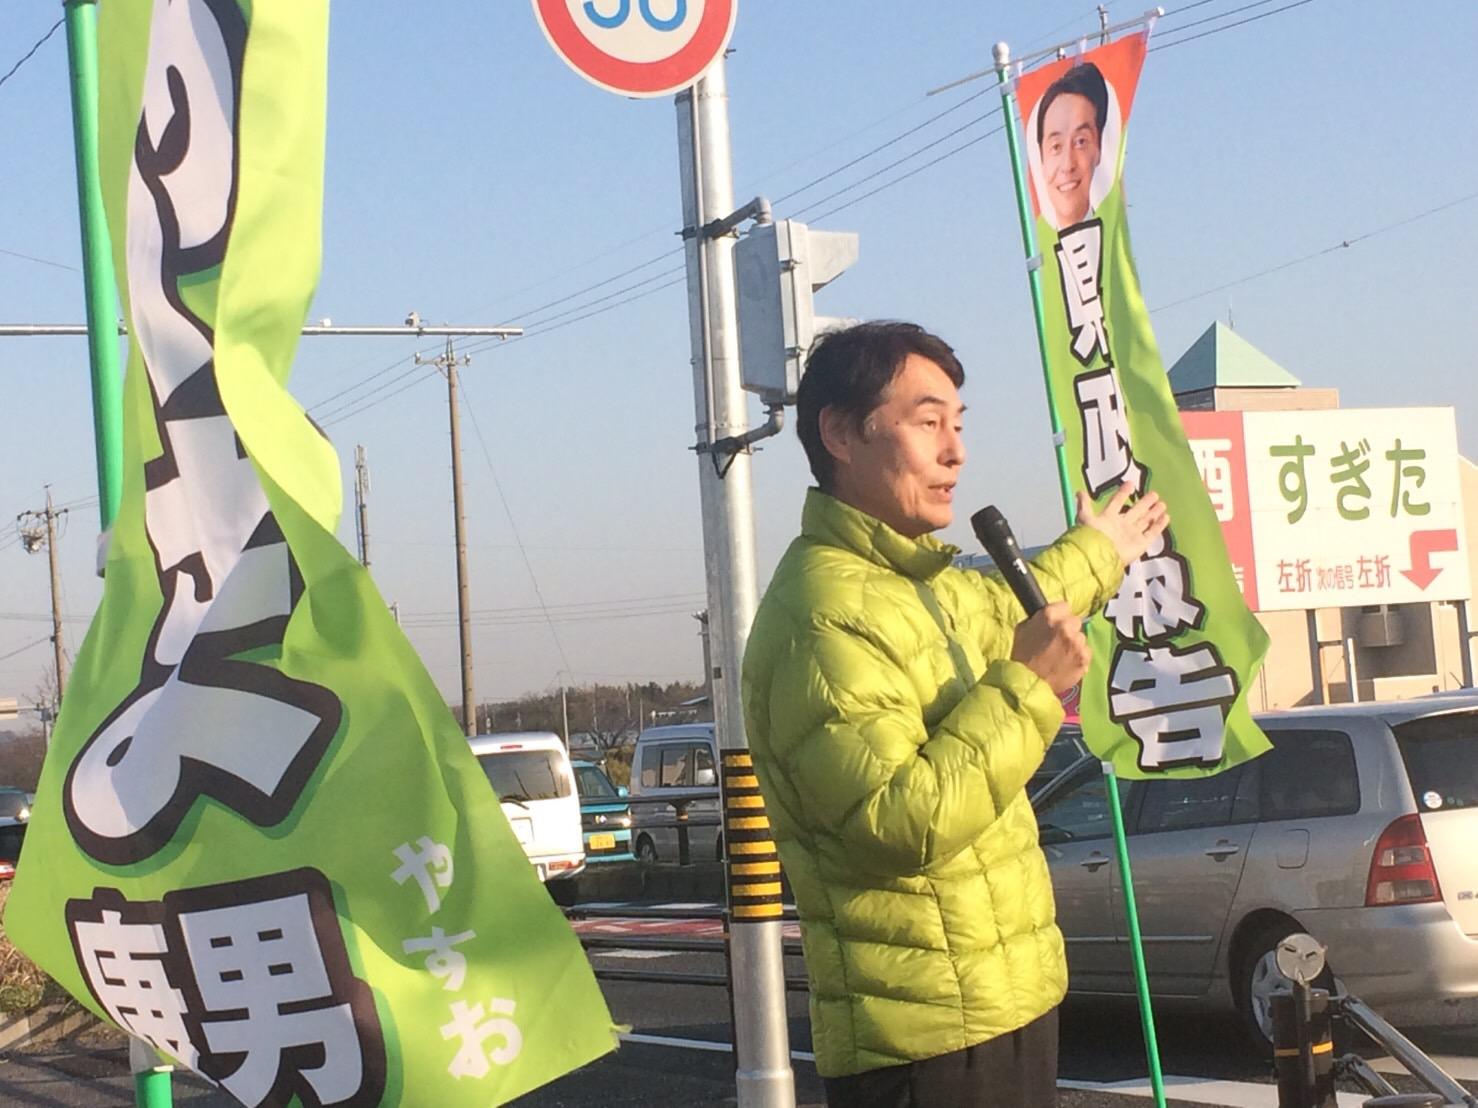 タート! 風が強く 途中から旗を自分で持っていました その後 県庁へ 3月議会 無事に閉会しました